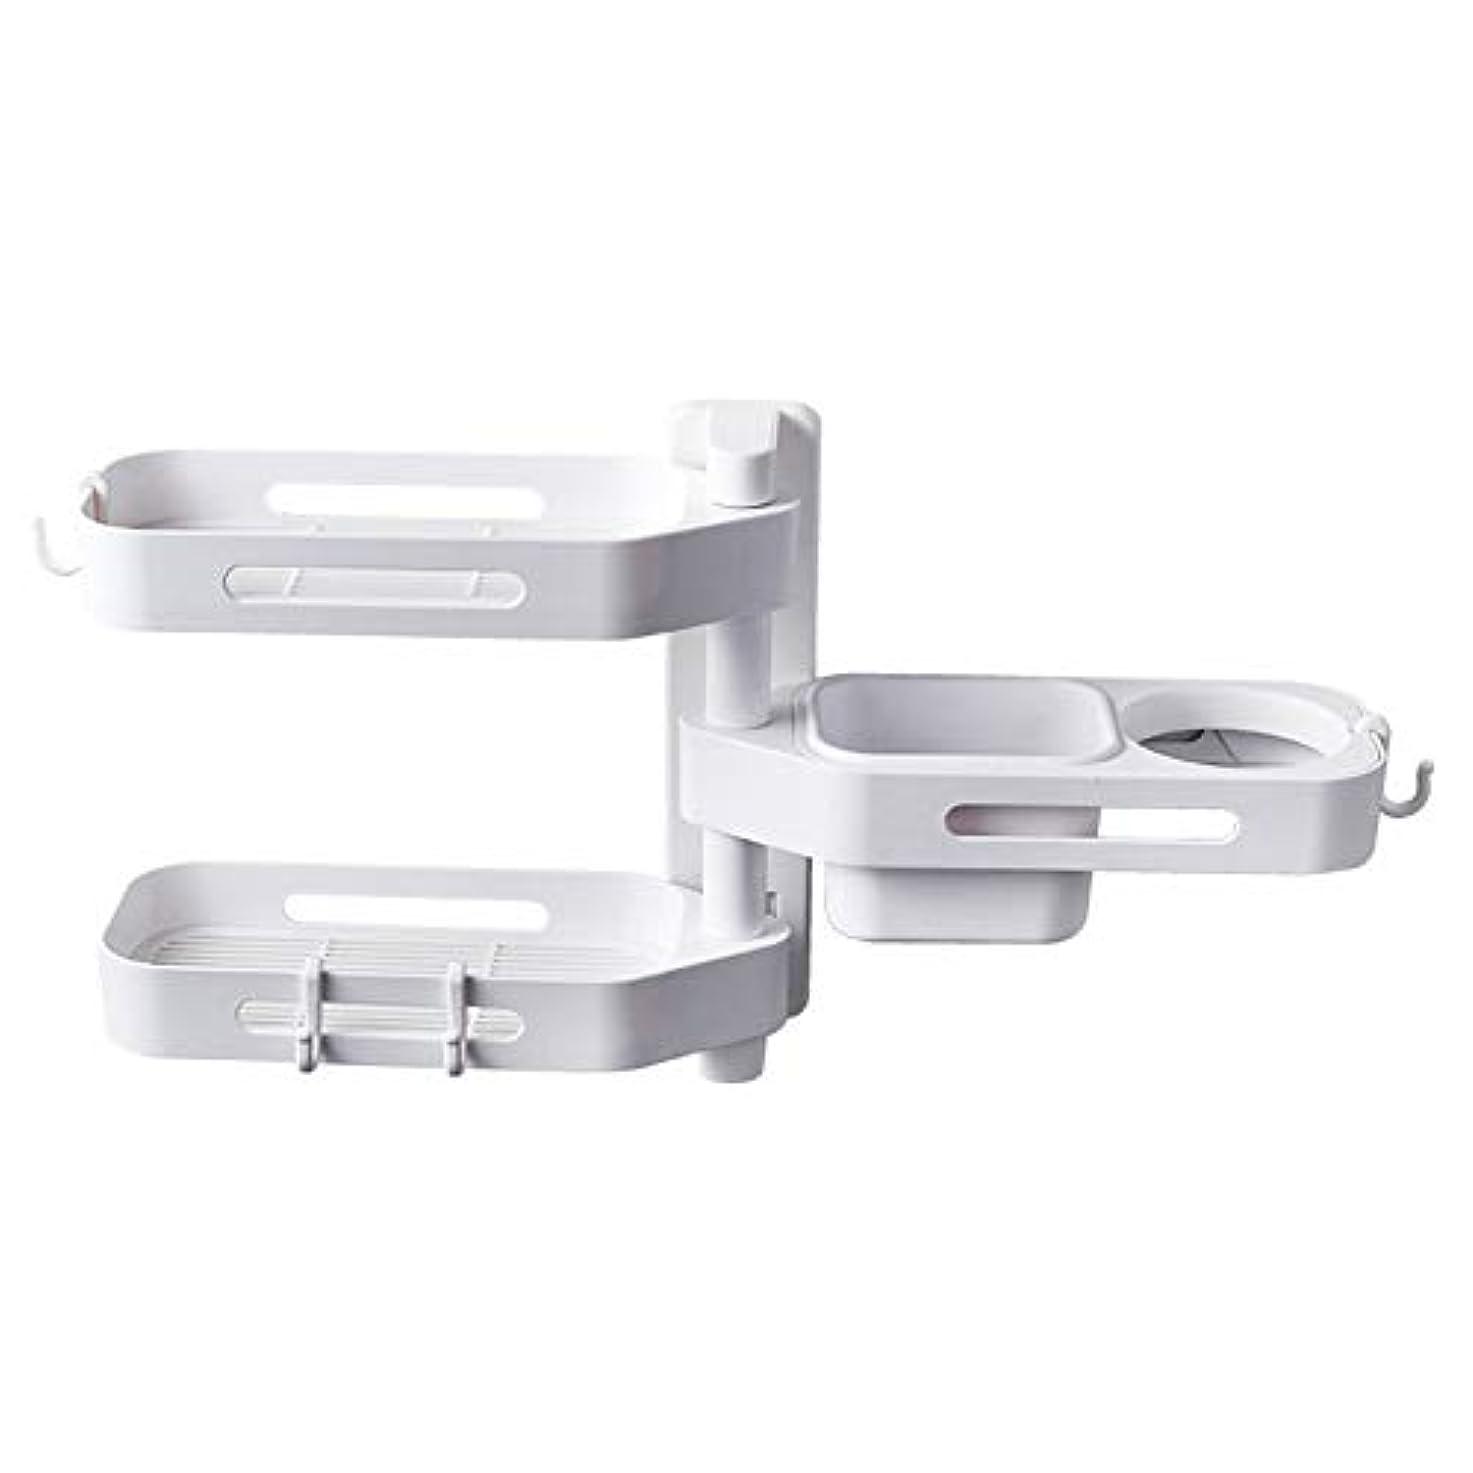 ラインナップ魅力クリームCoolTack 3層ソープトレイプラスチック取り外し可能な収納オーガナイザーを回転させるソープディッシュ接着剤ホルダー